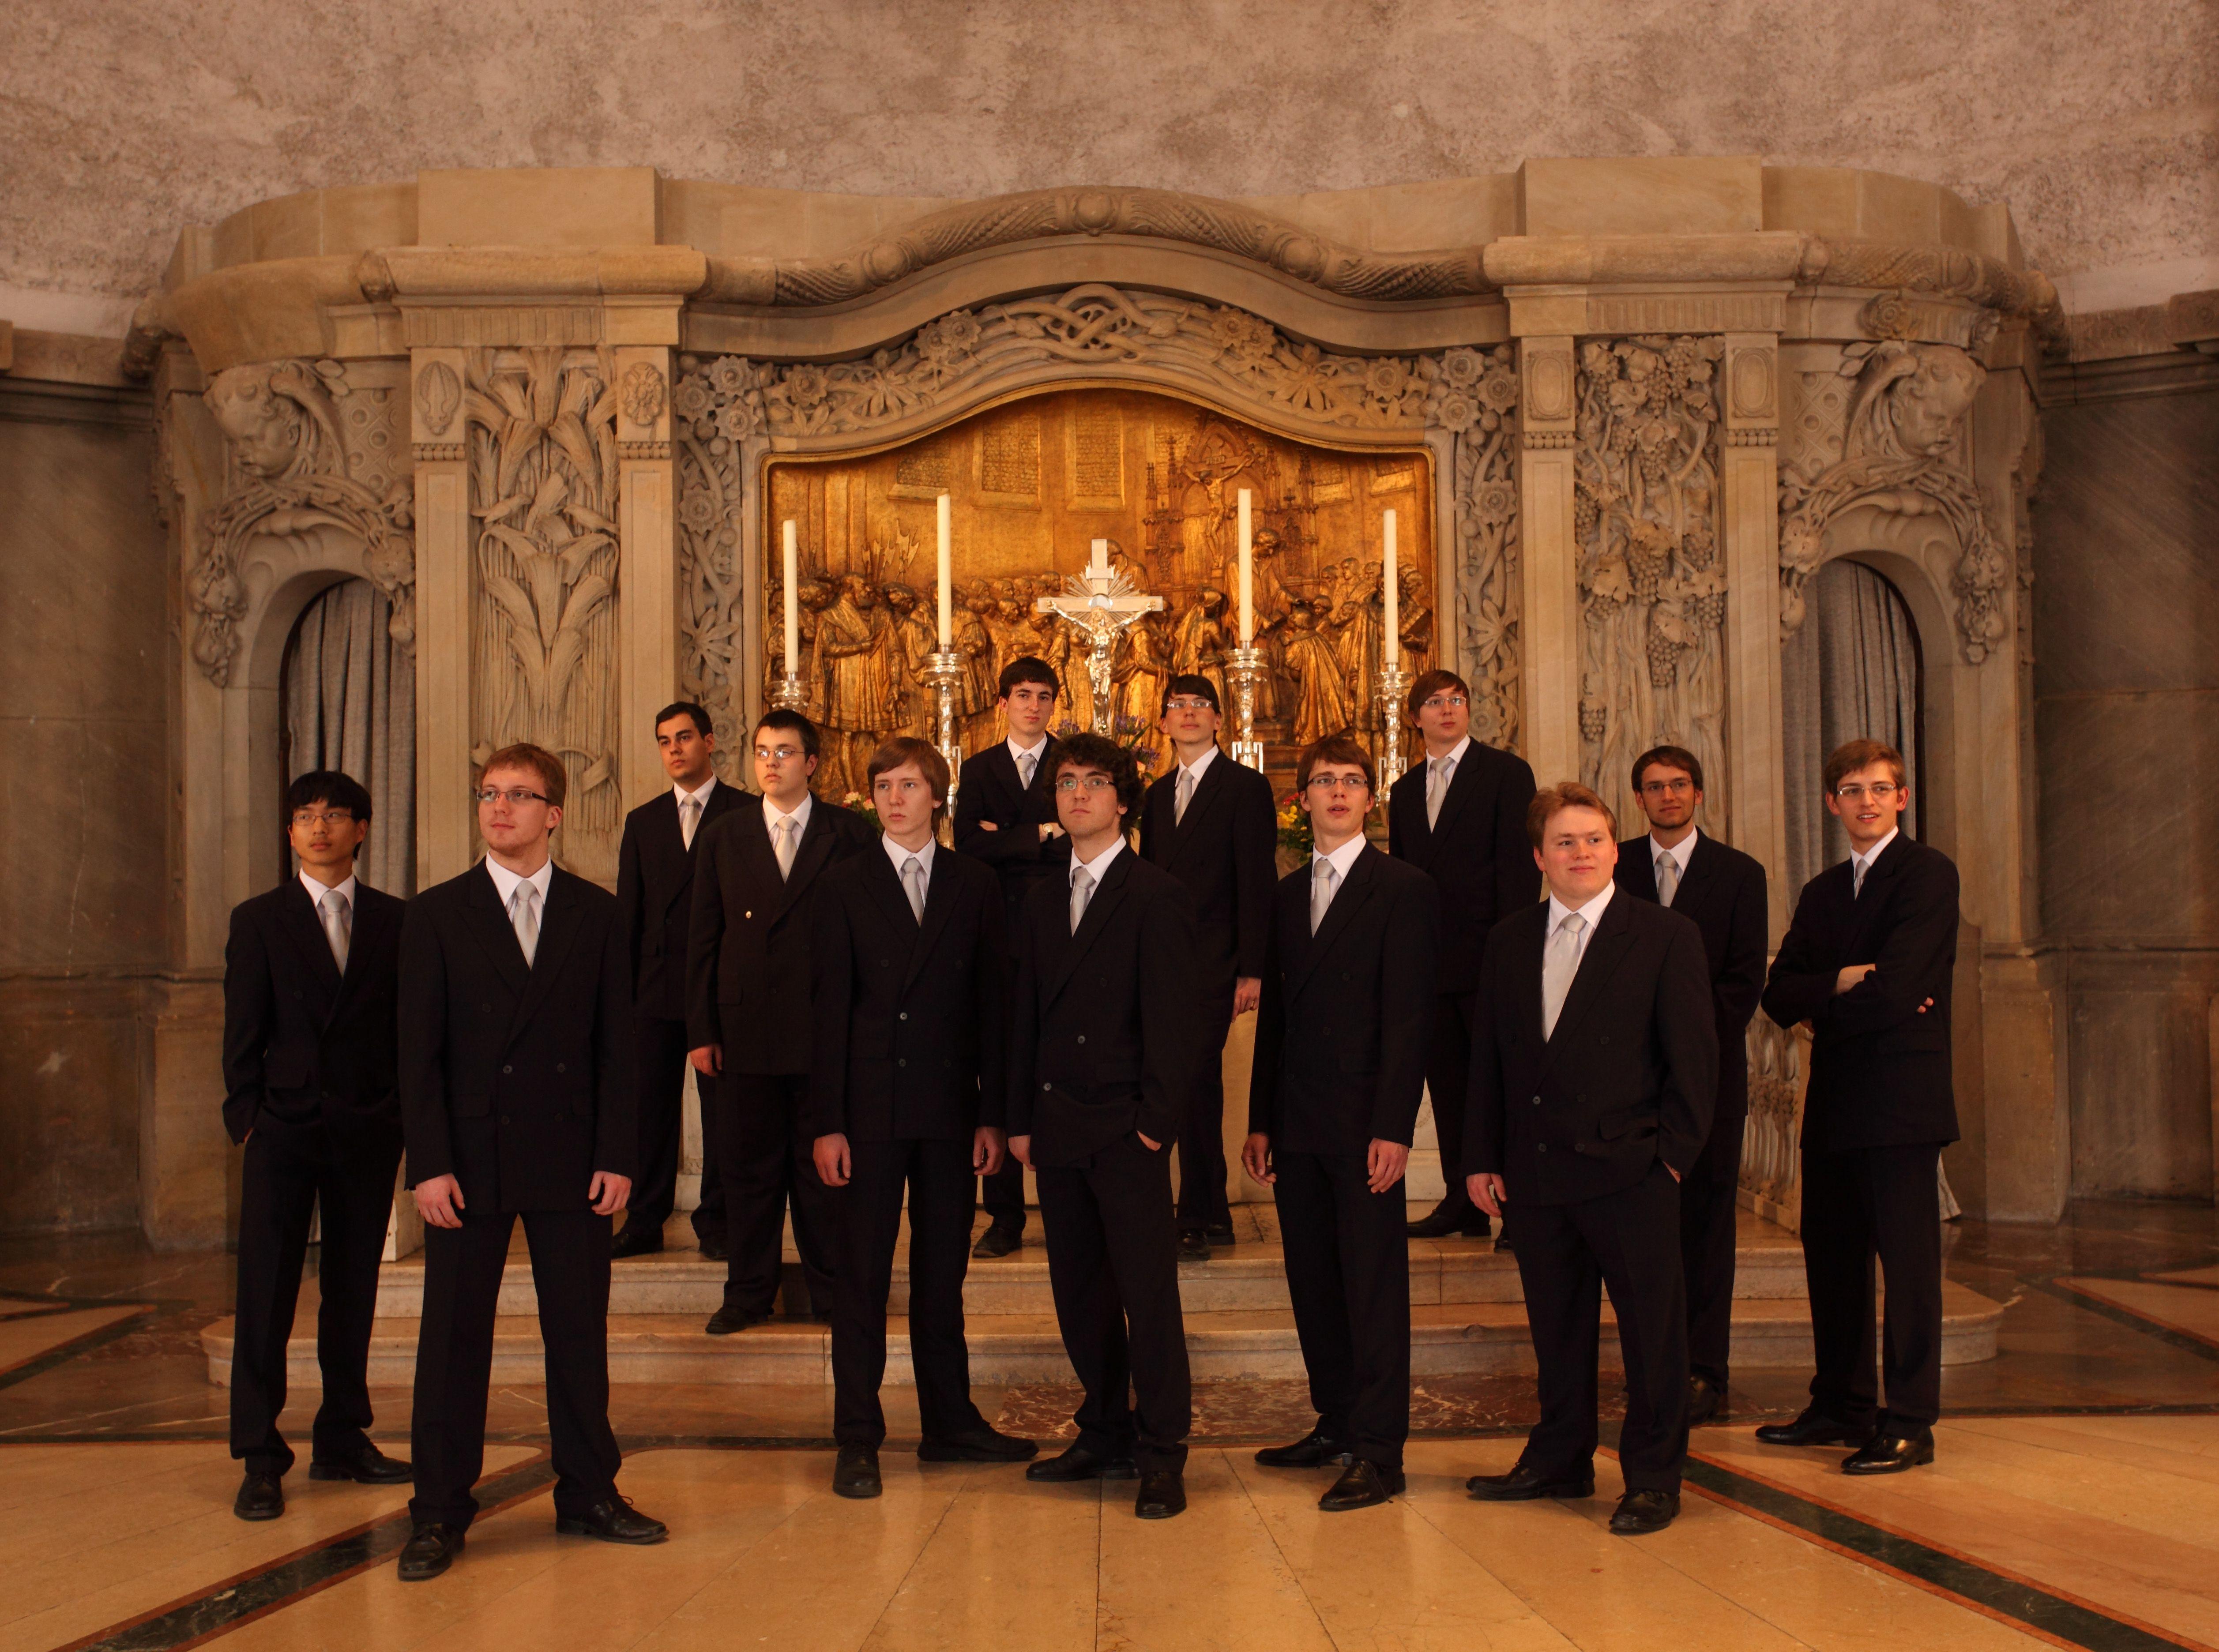 Konzert in der Oberkirche – Canta d'elysio